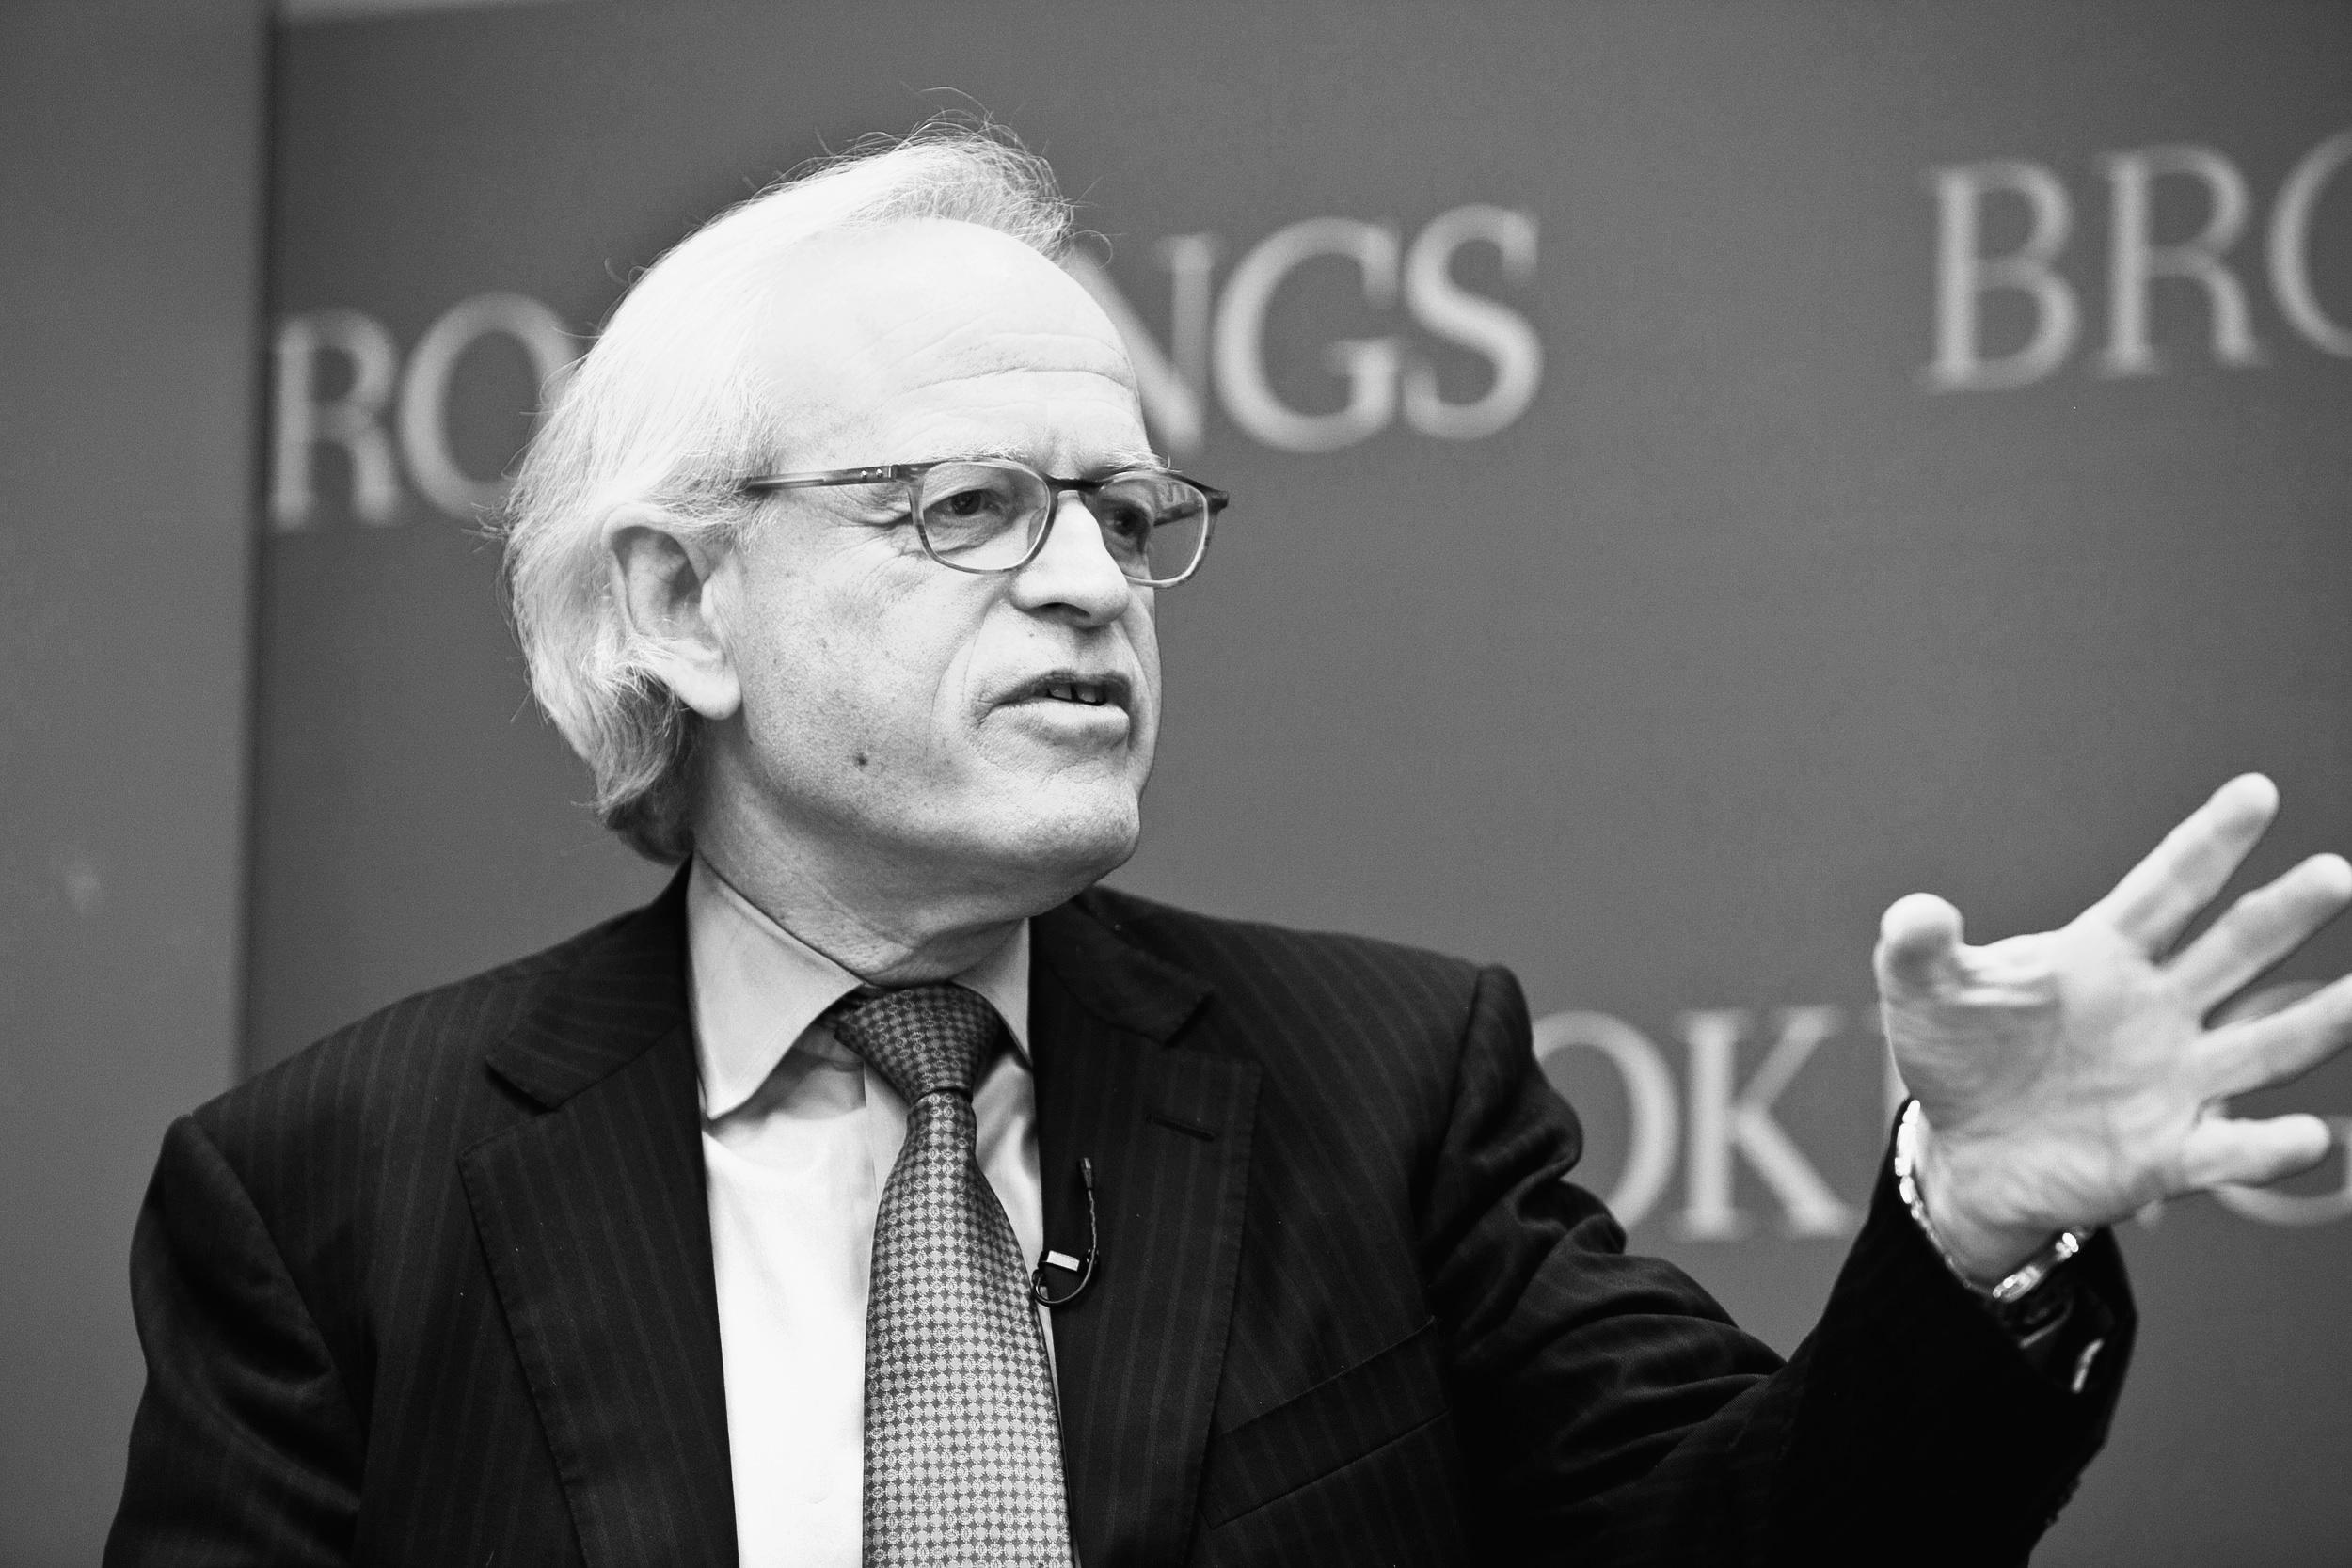 Martin Indyk - Diplomat, academic